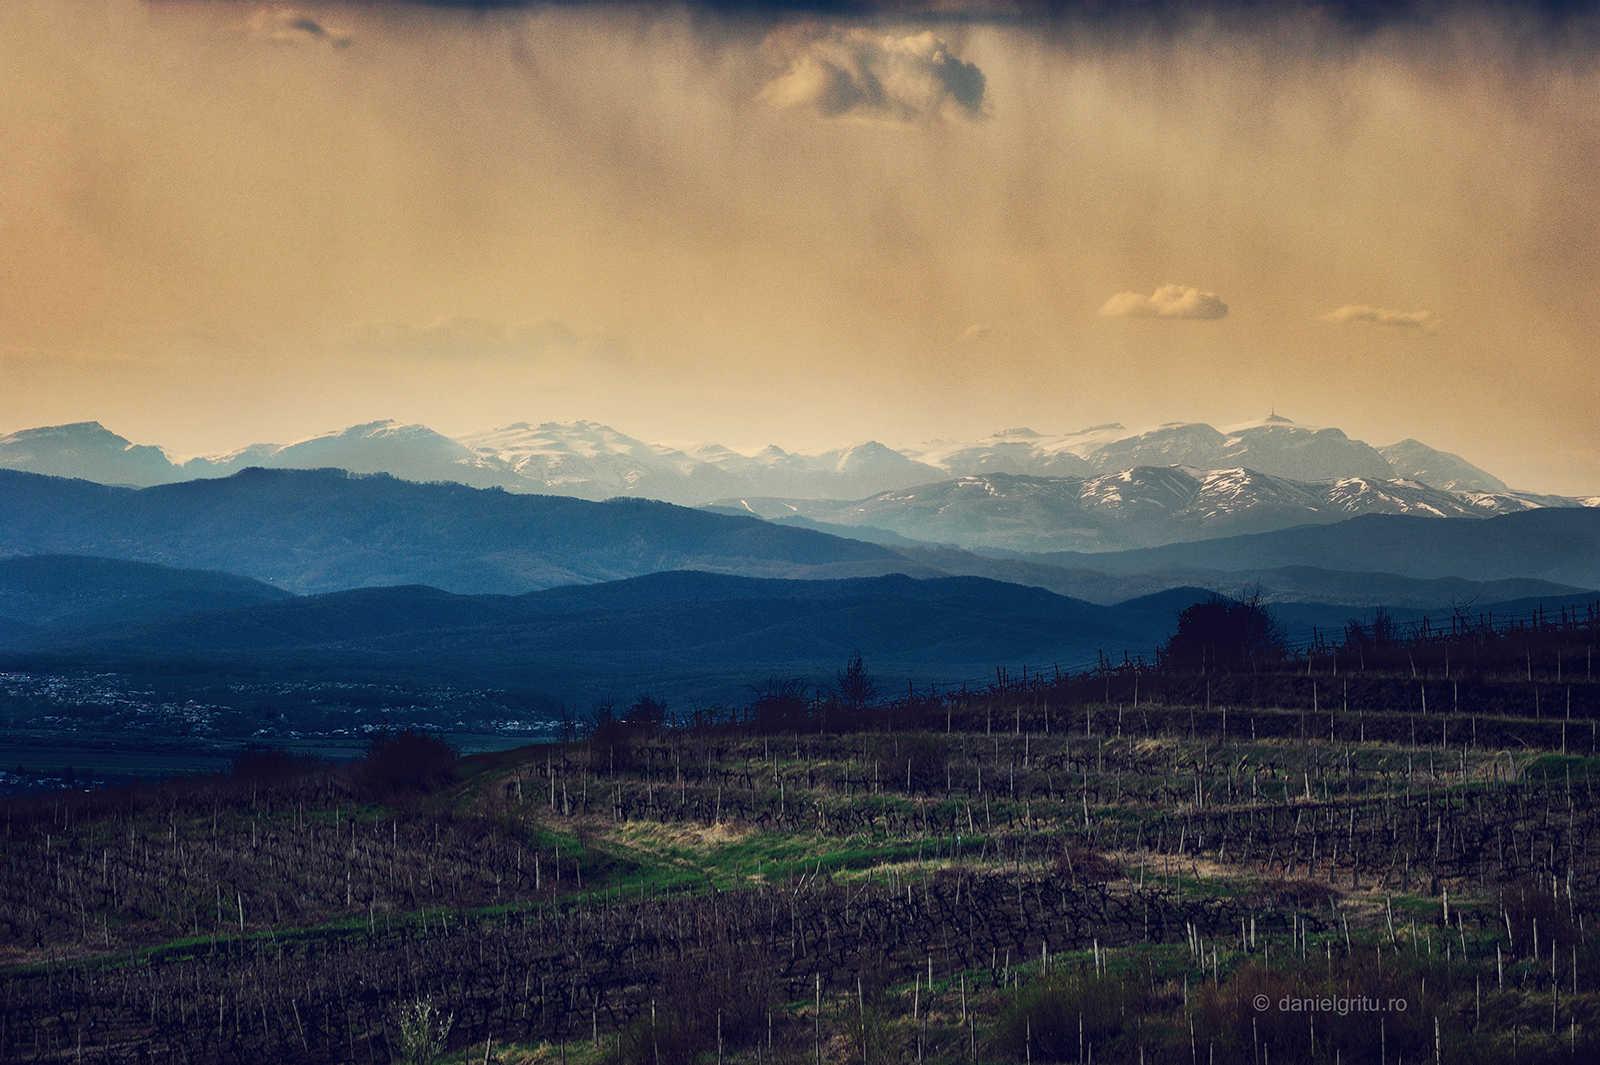 Peisaje Romania | Foto muntii Bucegi | Foto muntii Baiului | Foto dealul Seciu